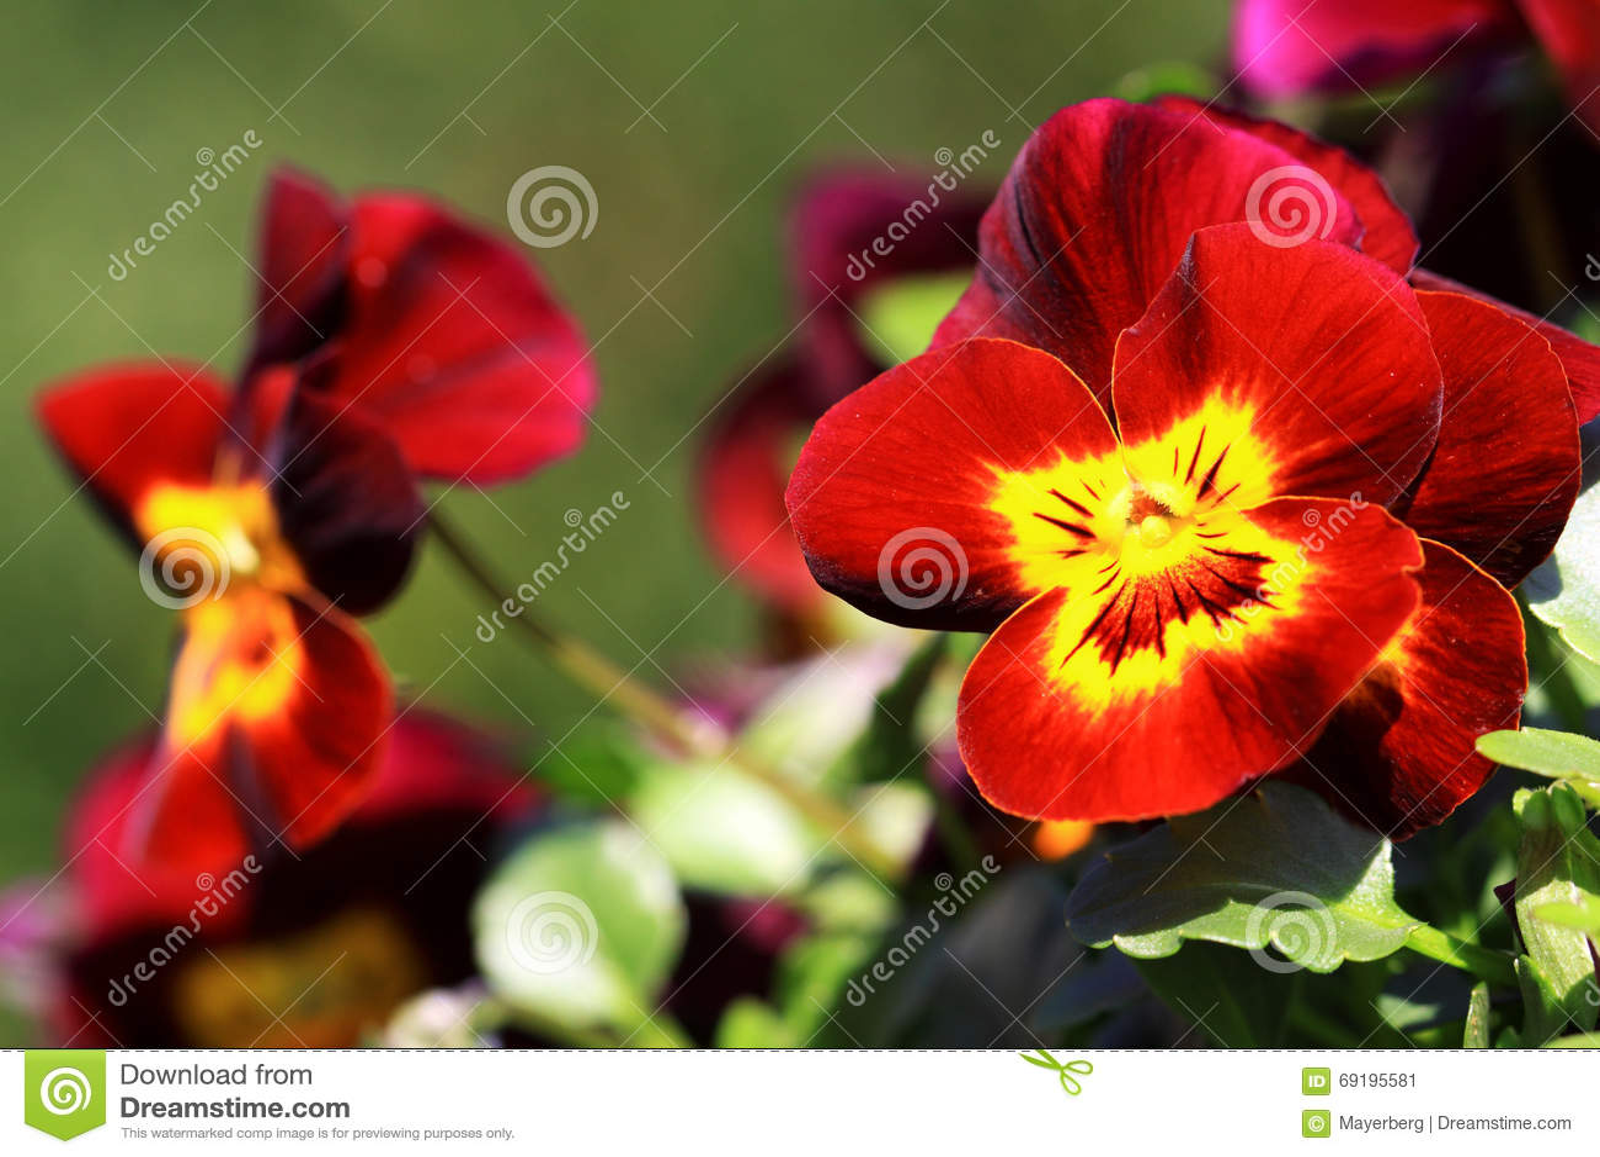 Pensee Rouge Fonce Avec Le Coeur Jaune Image Stock Image Du Rouge